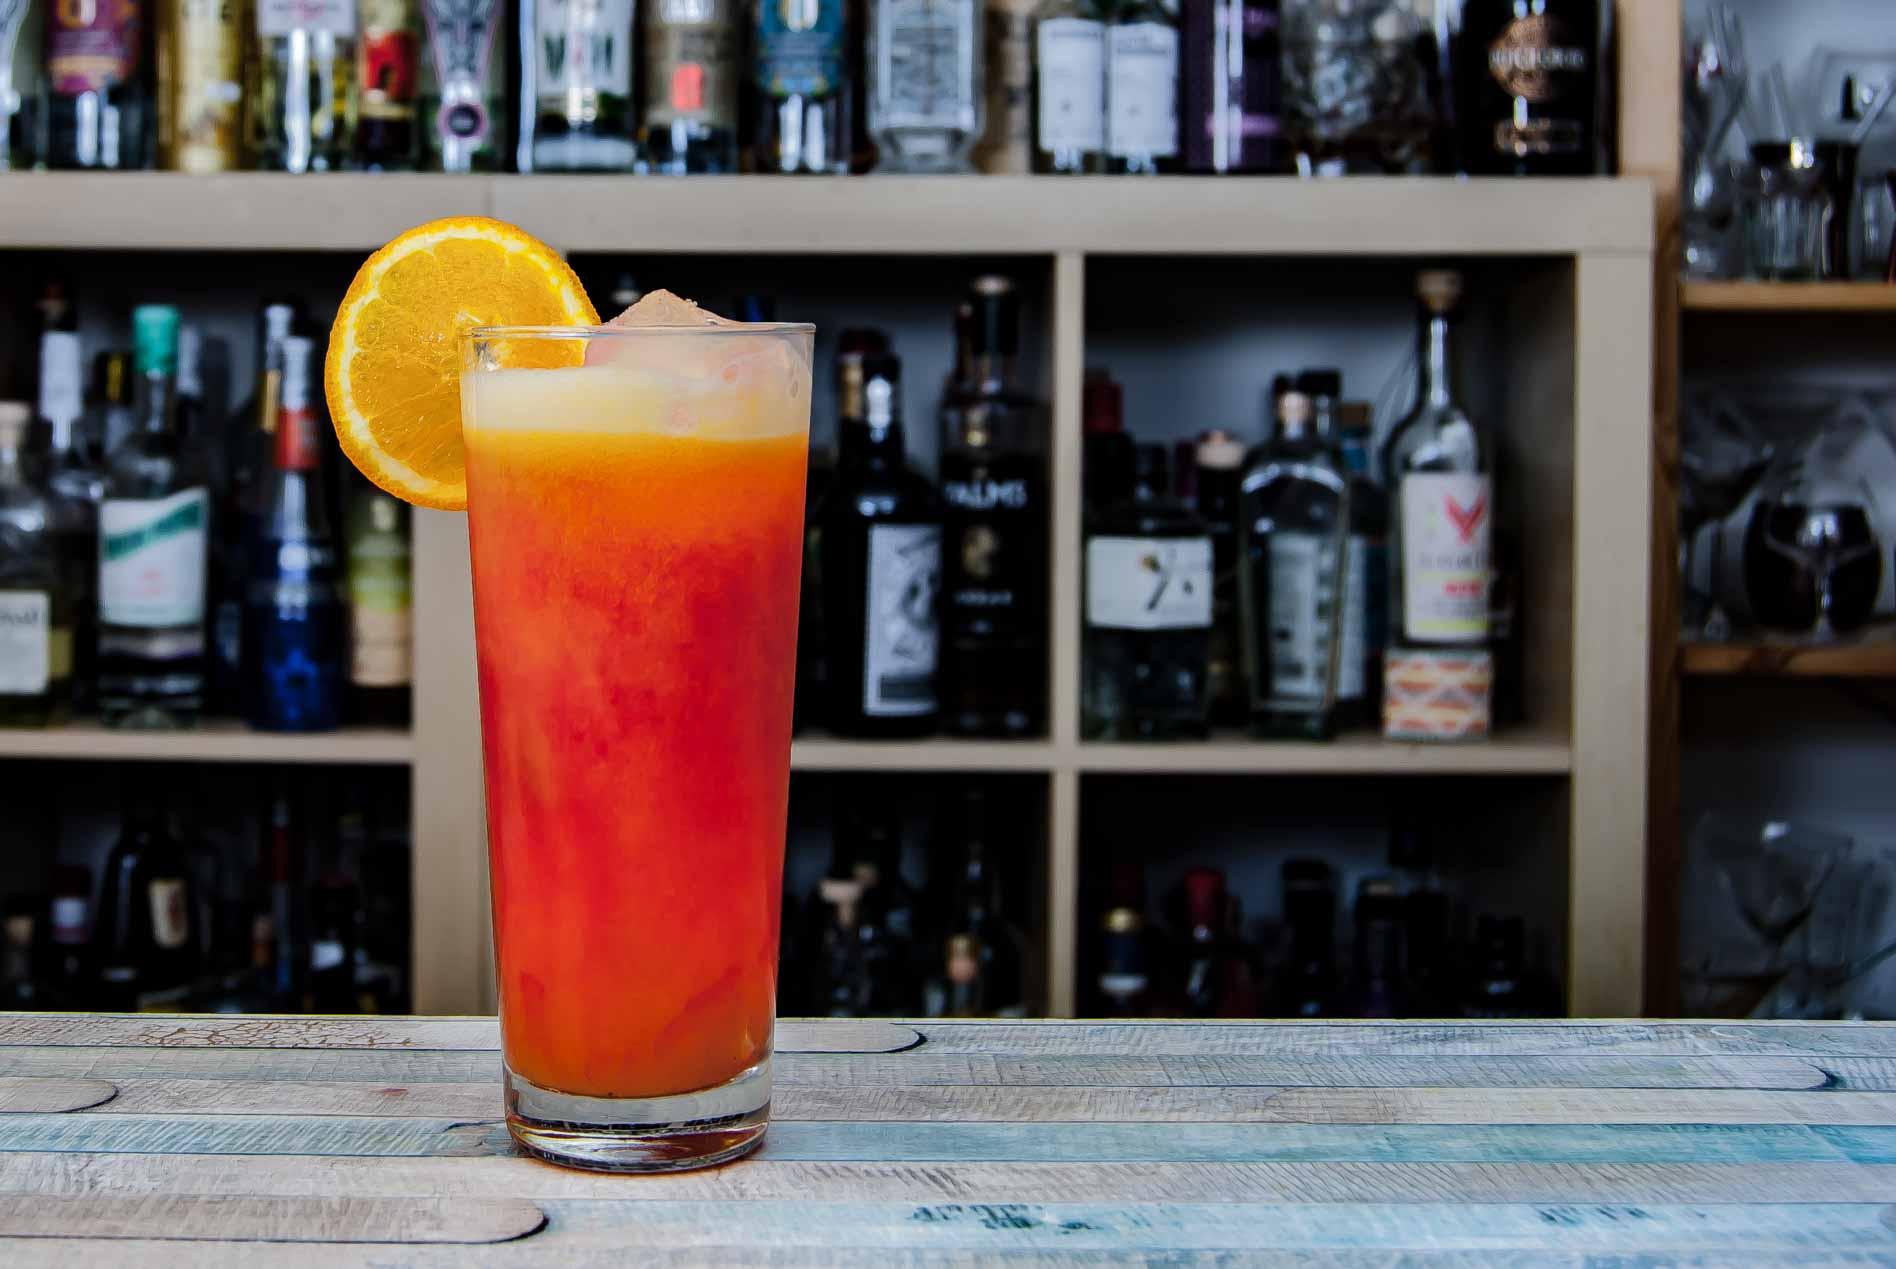 Ein Campari Orange kann lecker sein - wenn man ihn mit Liebe macht. Und mit geschäumtem Orangensaft.